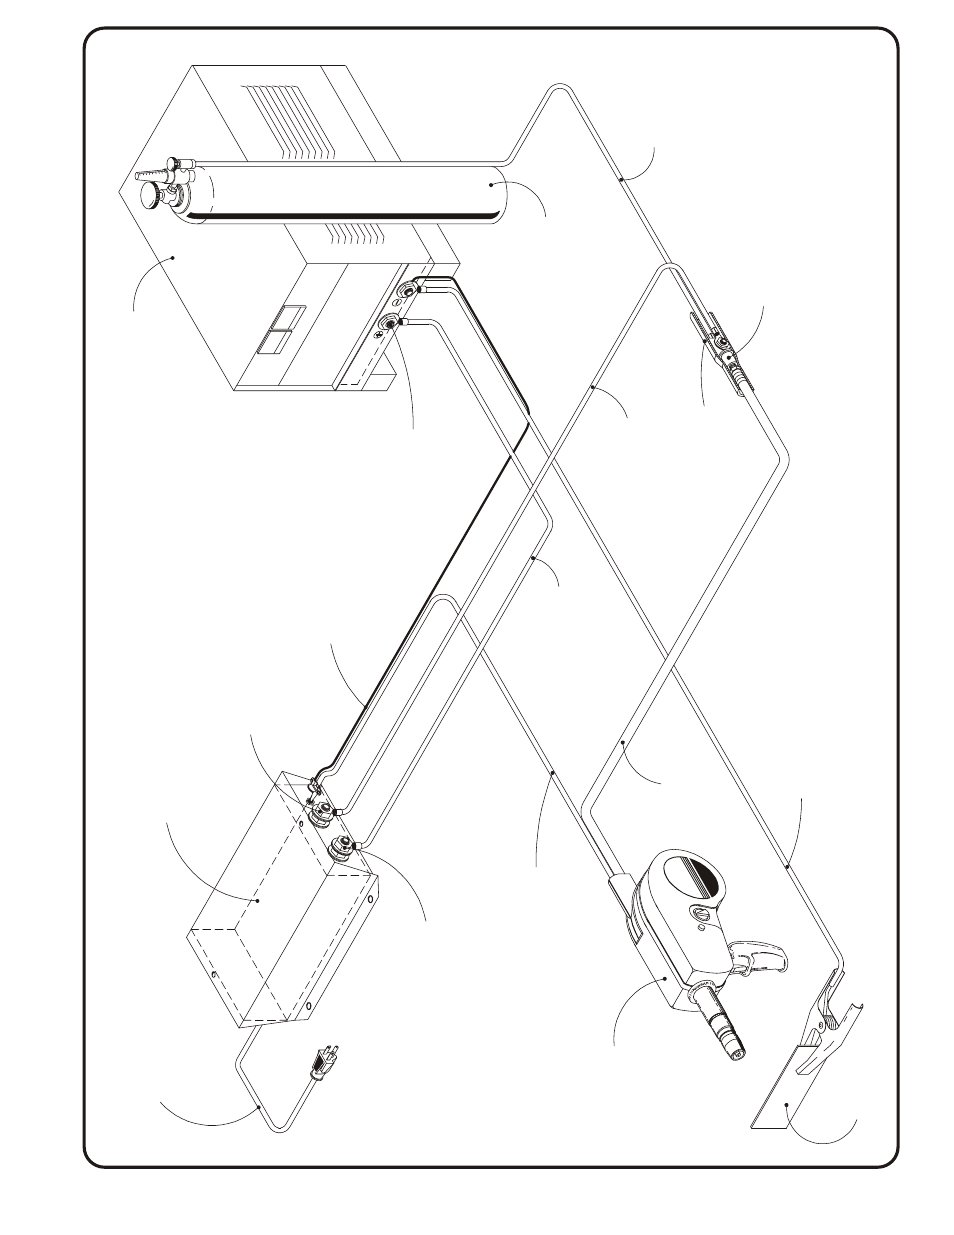 Aec 200-3a contactor, Contactor control box model aec 200